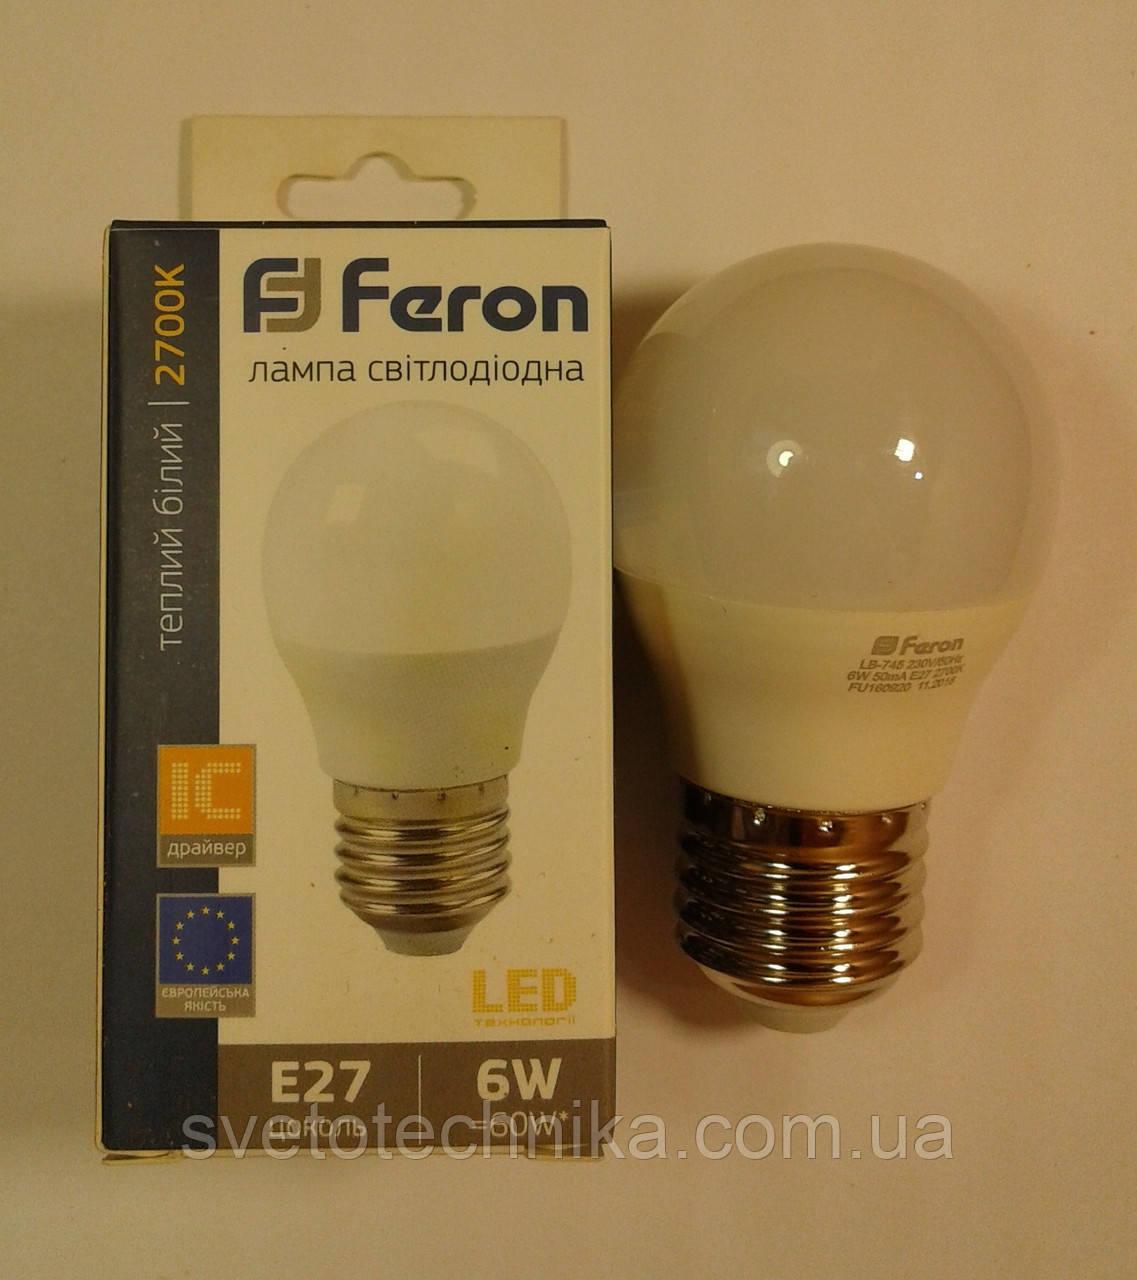 Светодиодная лампа Feron LB745 E27 6W  2700К